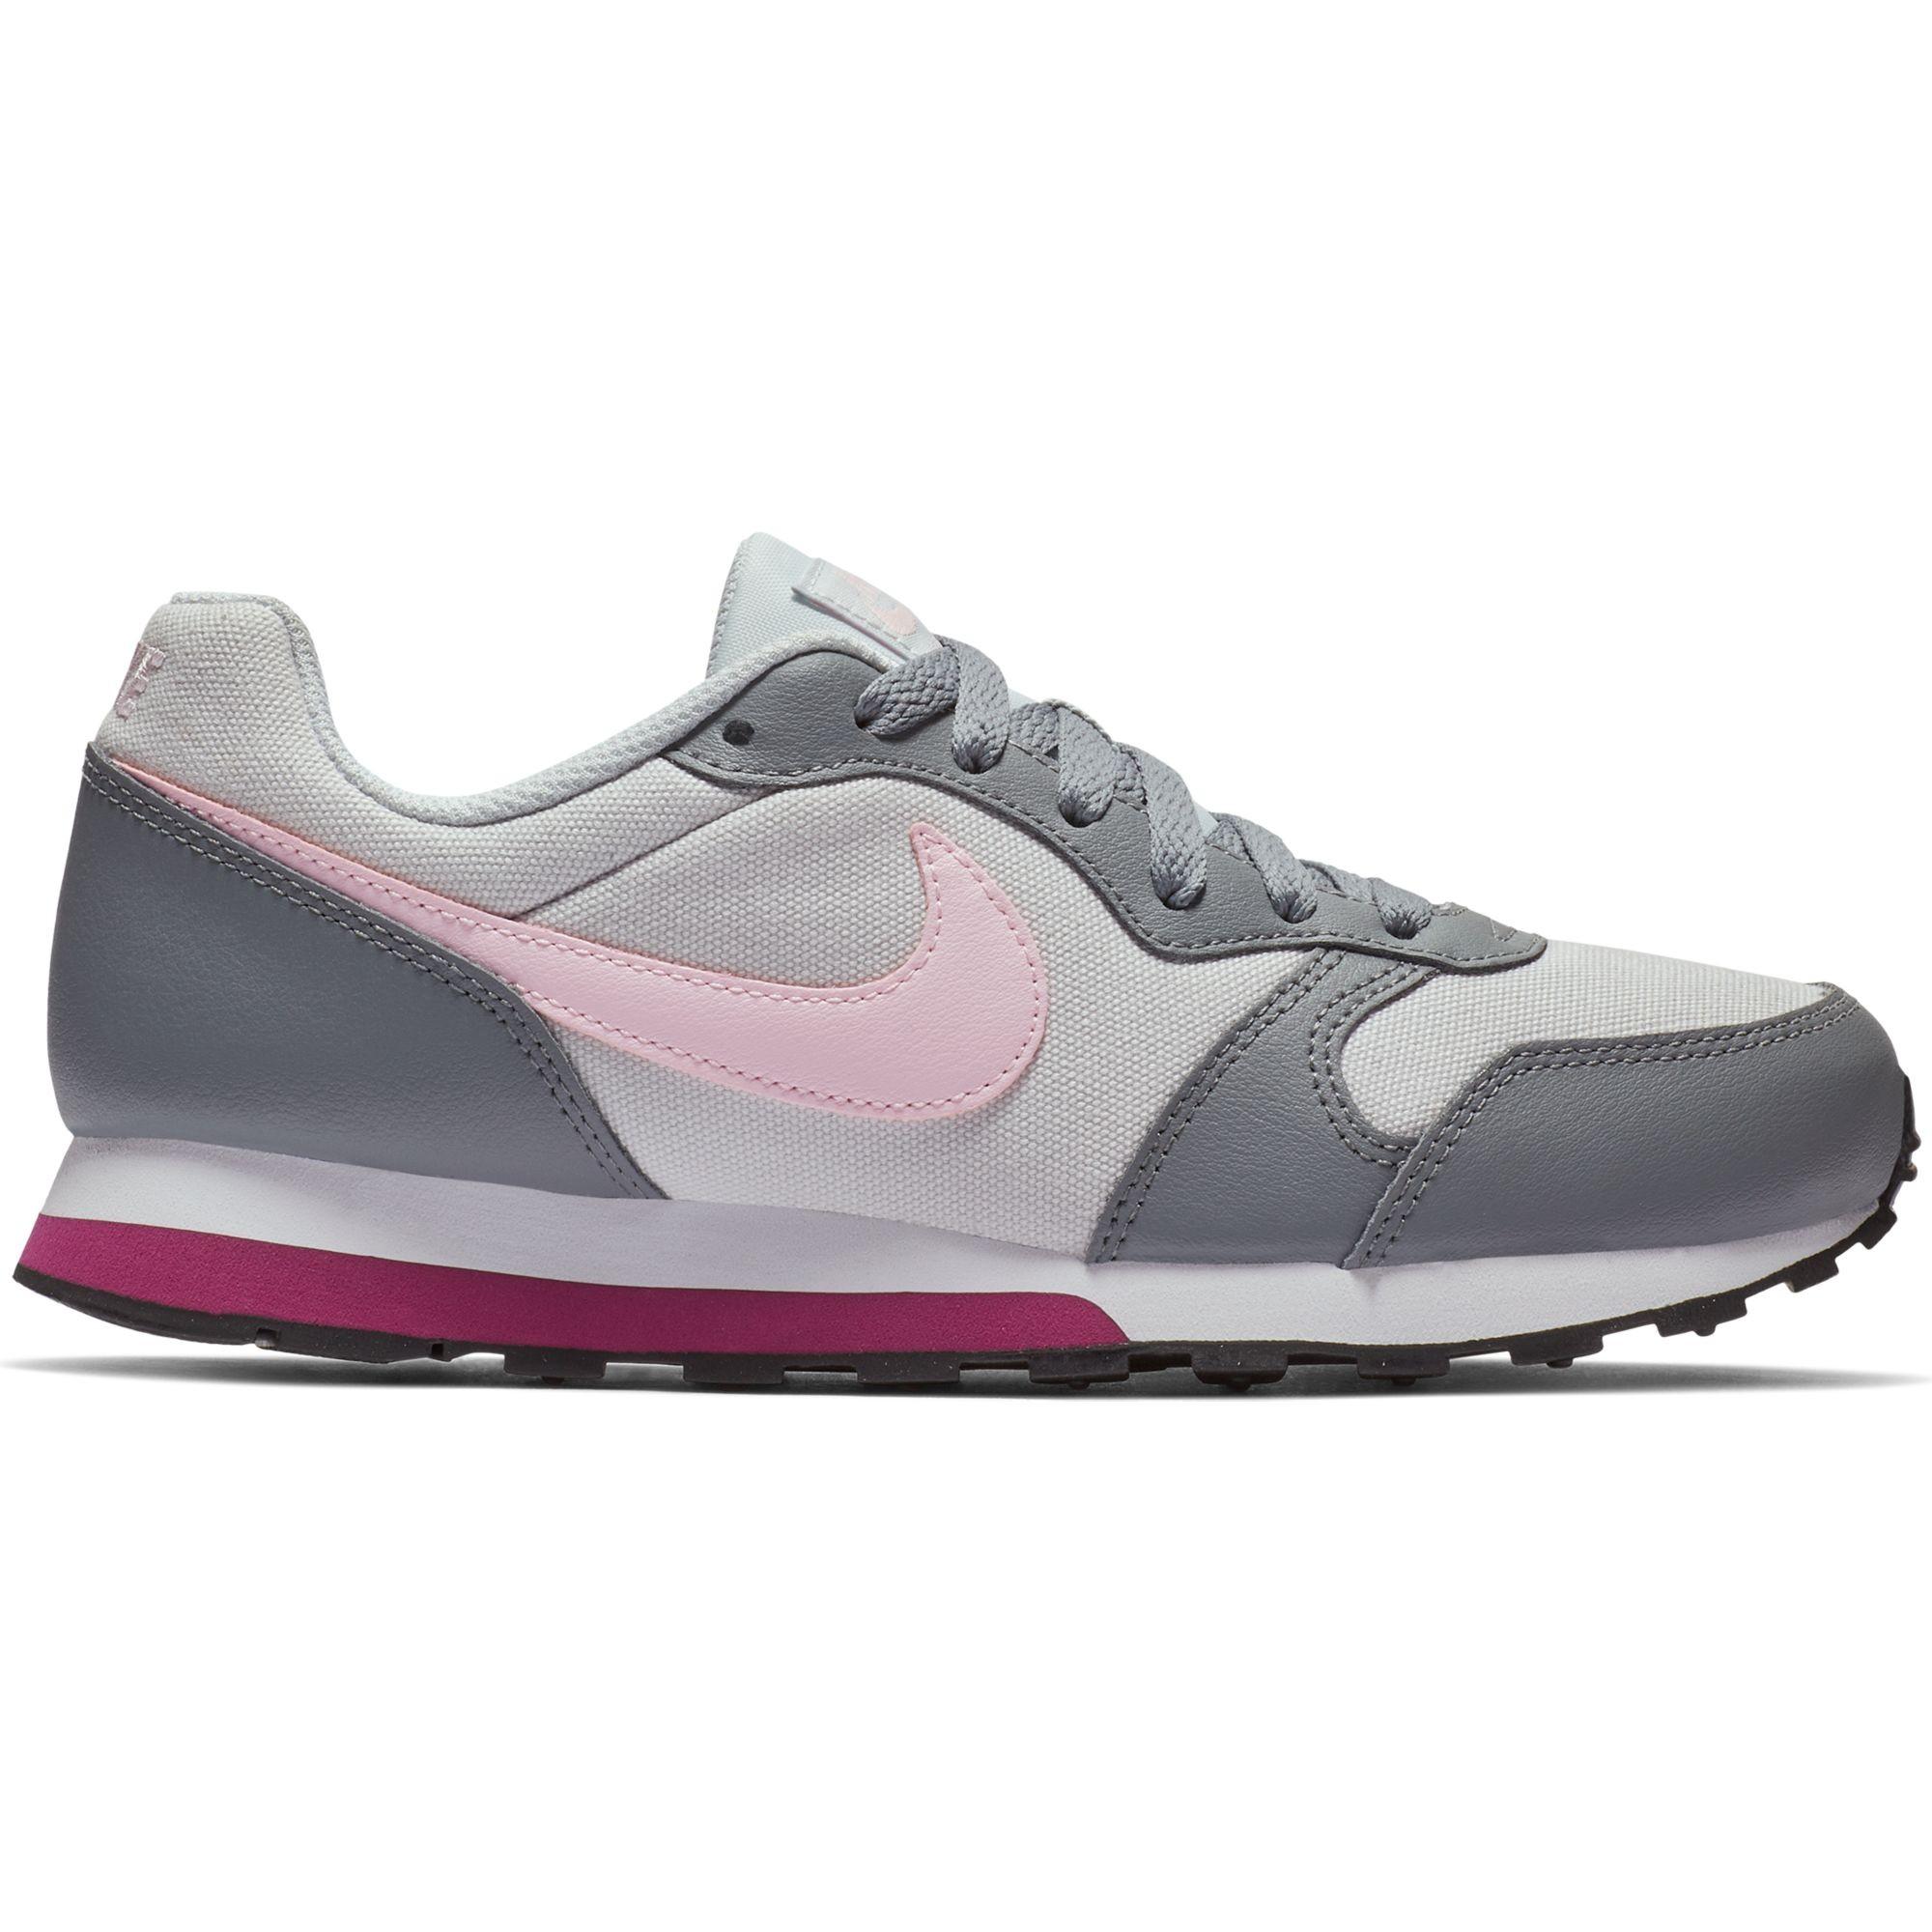 Zapatillas Nike MD Runner 2 GS 807319 017 BLACK FRIDAY